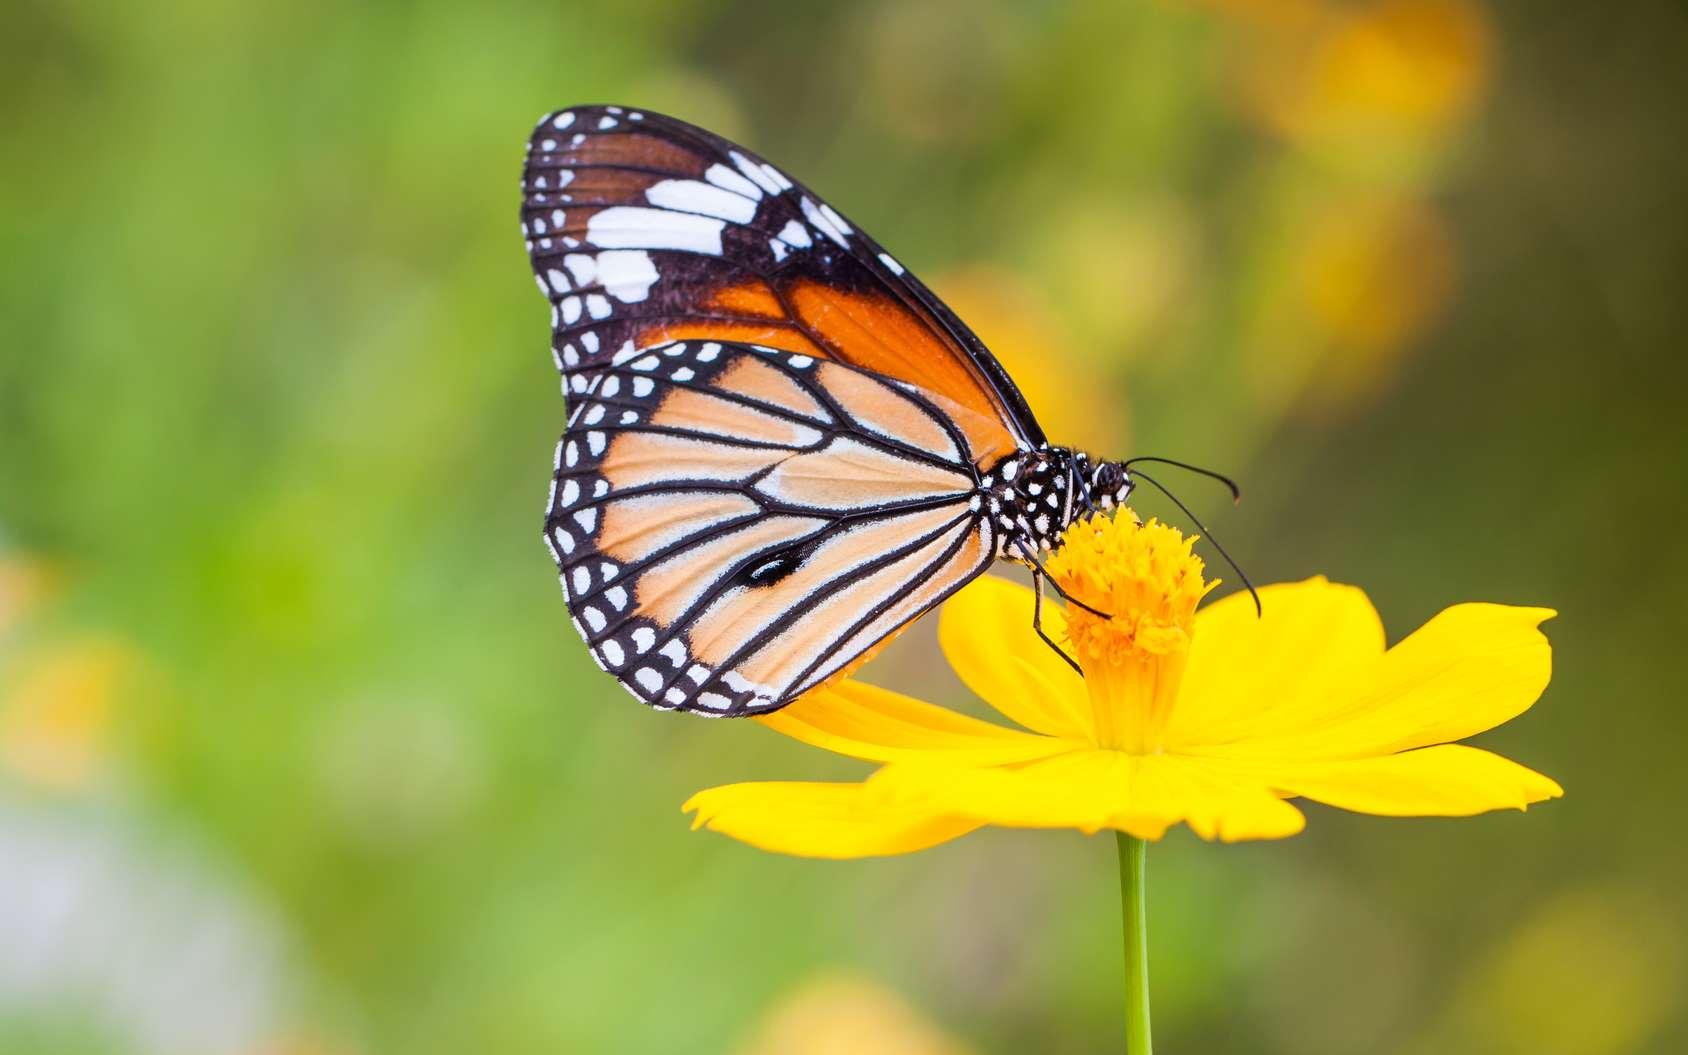 Les ocelles sur les ailes des papillons sont des motifs formés par les écailles pigmentées qui peuvent servir d'ornements de camouflage pour les prédateurs. © beerphotographer, Fotolia